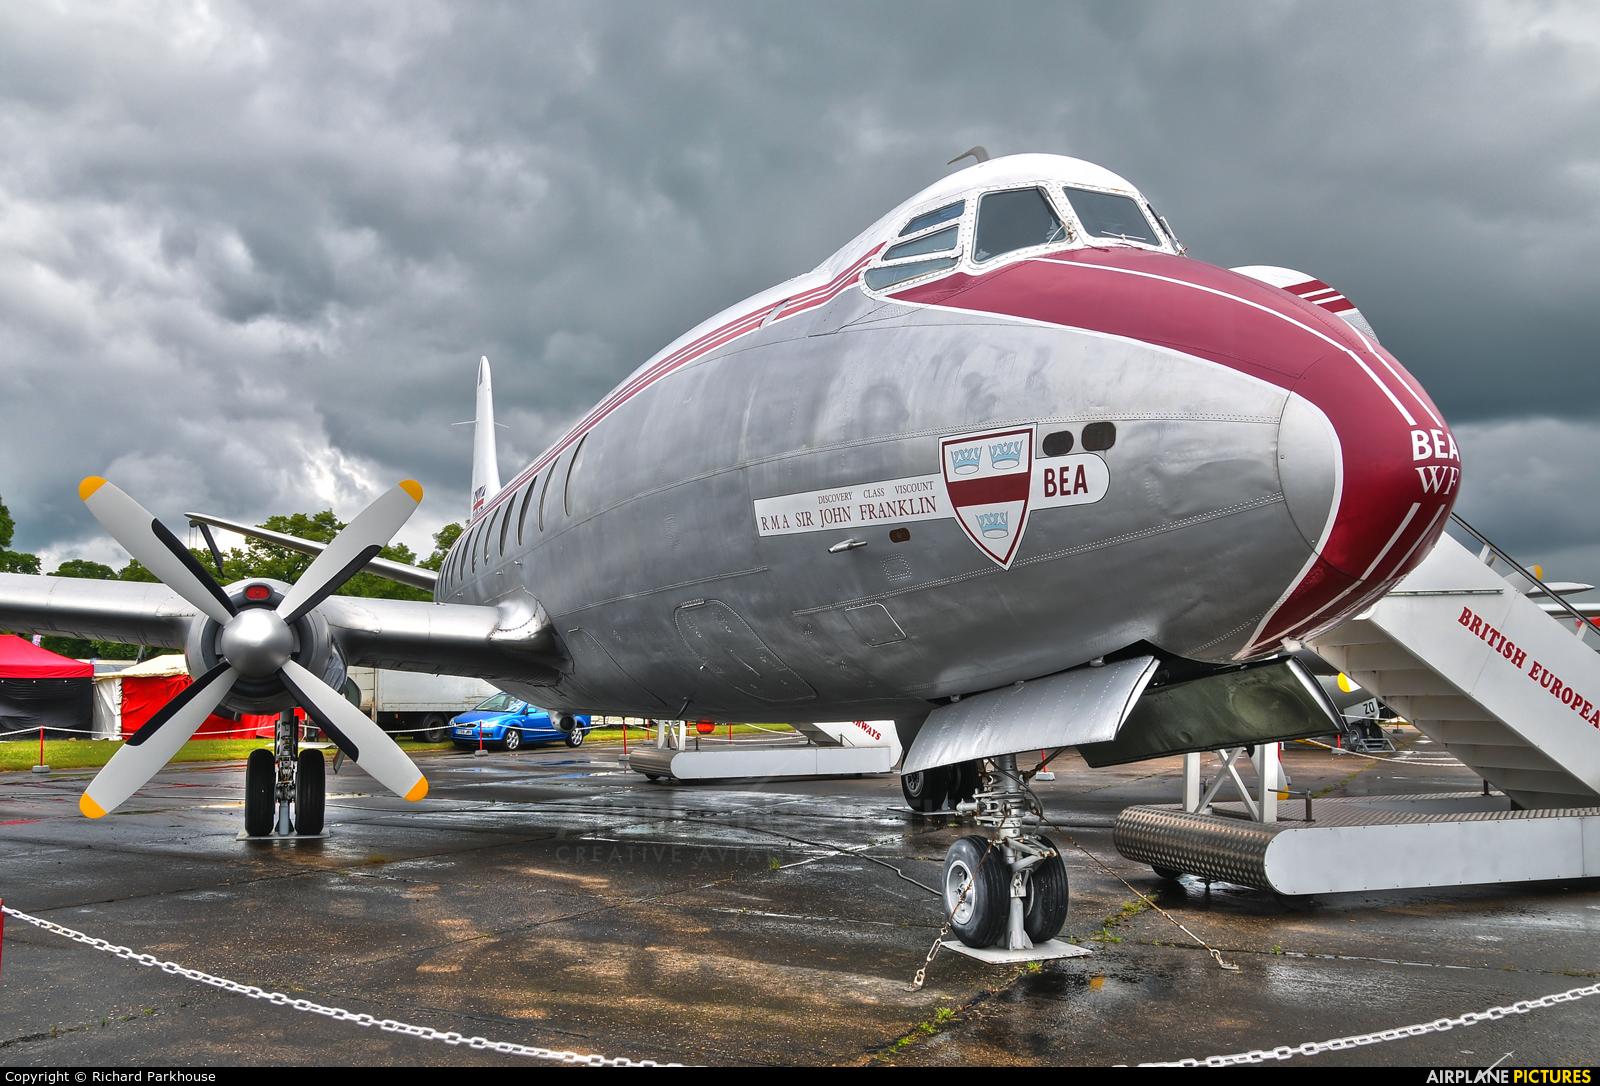 BEA - British European Airways G-ALWF aircraft at Duxford